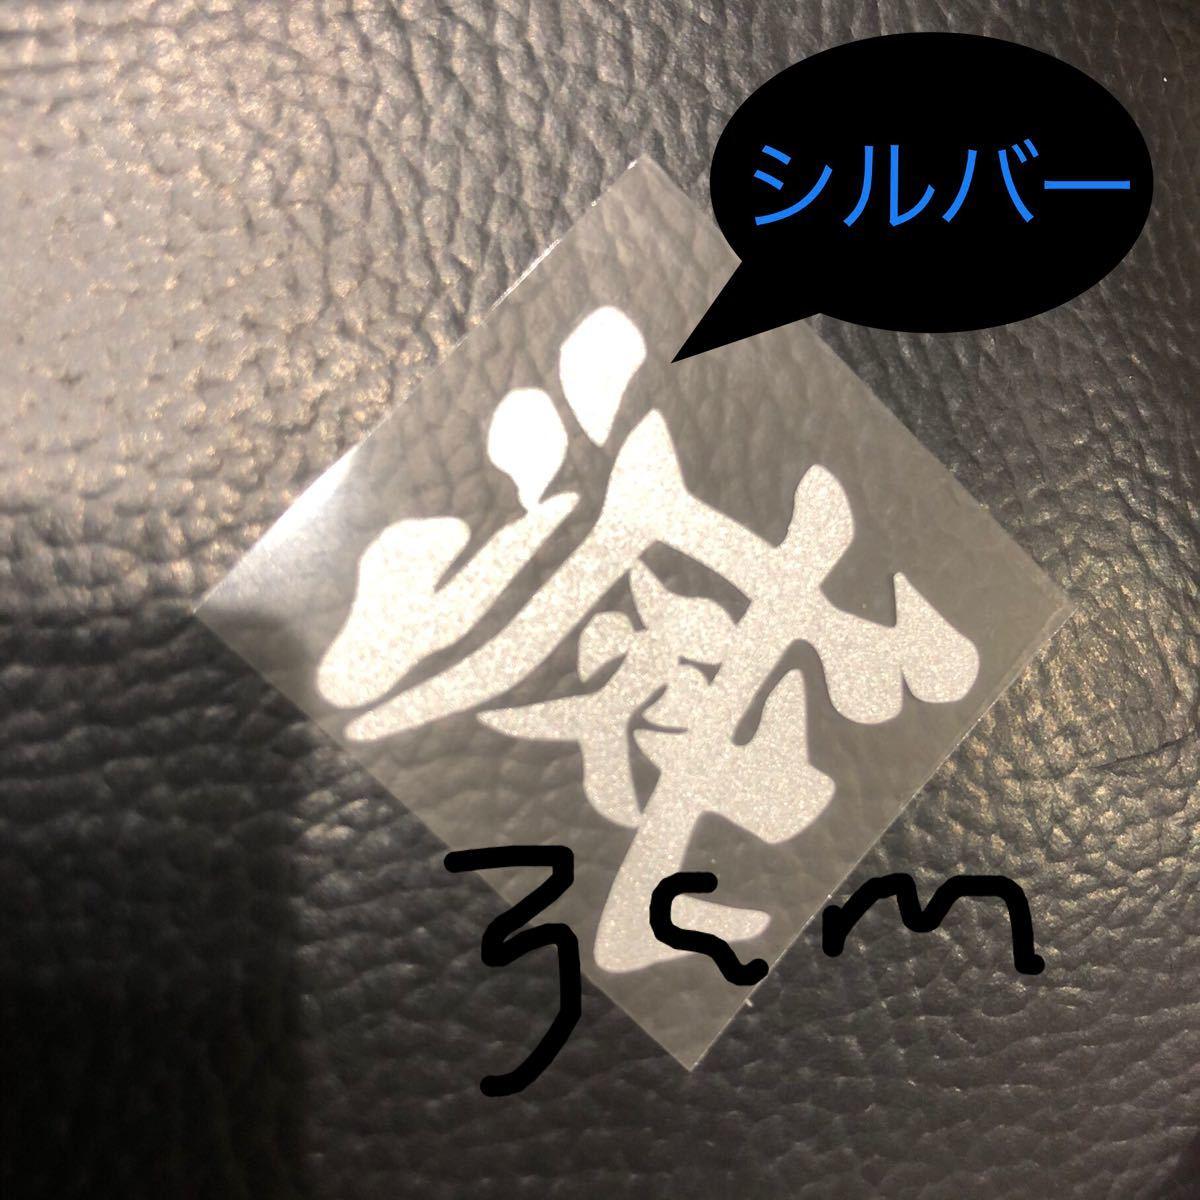 アイロンプリント「滅」3センチ 銀